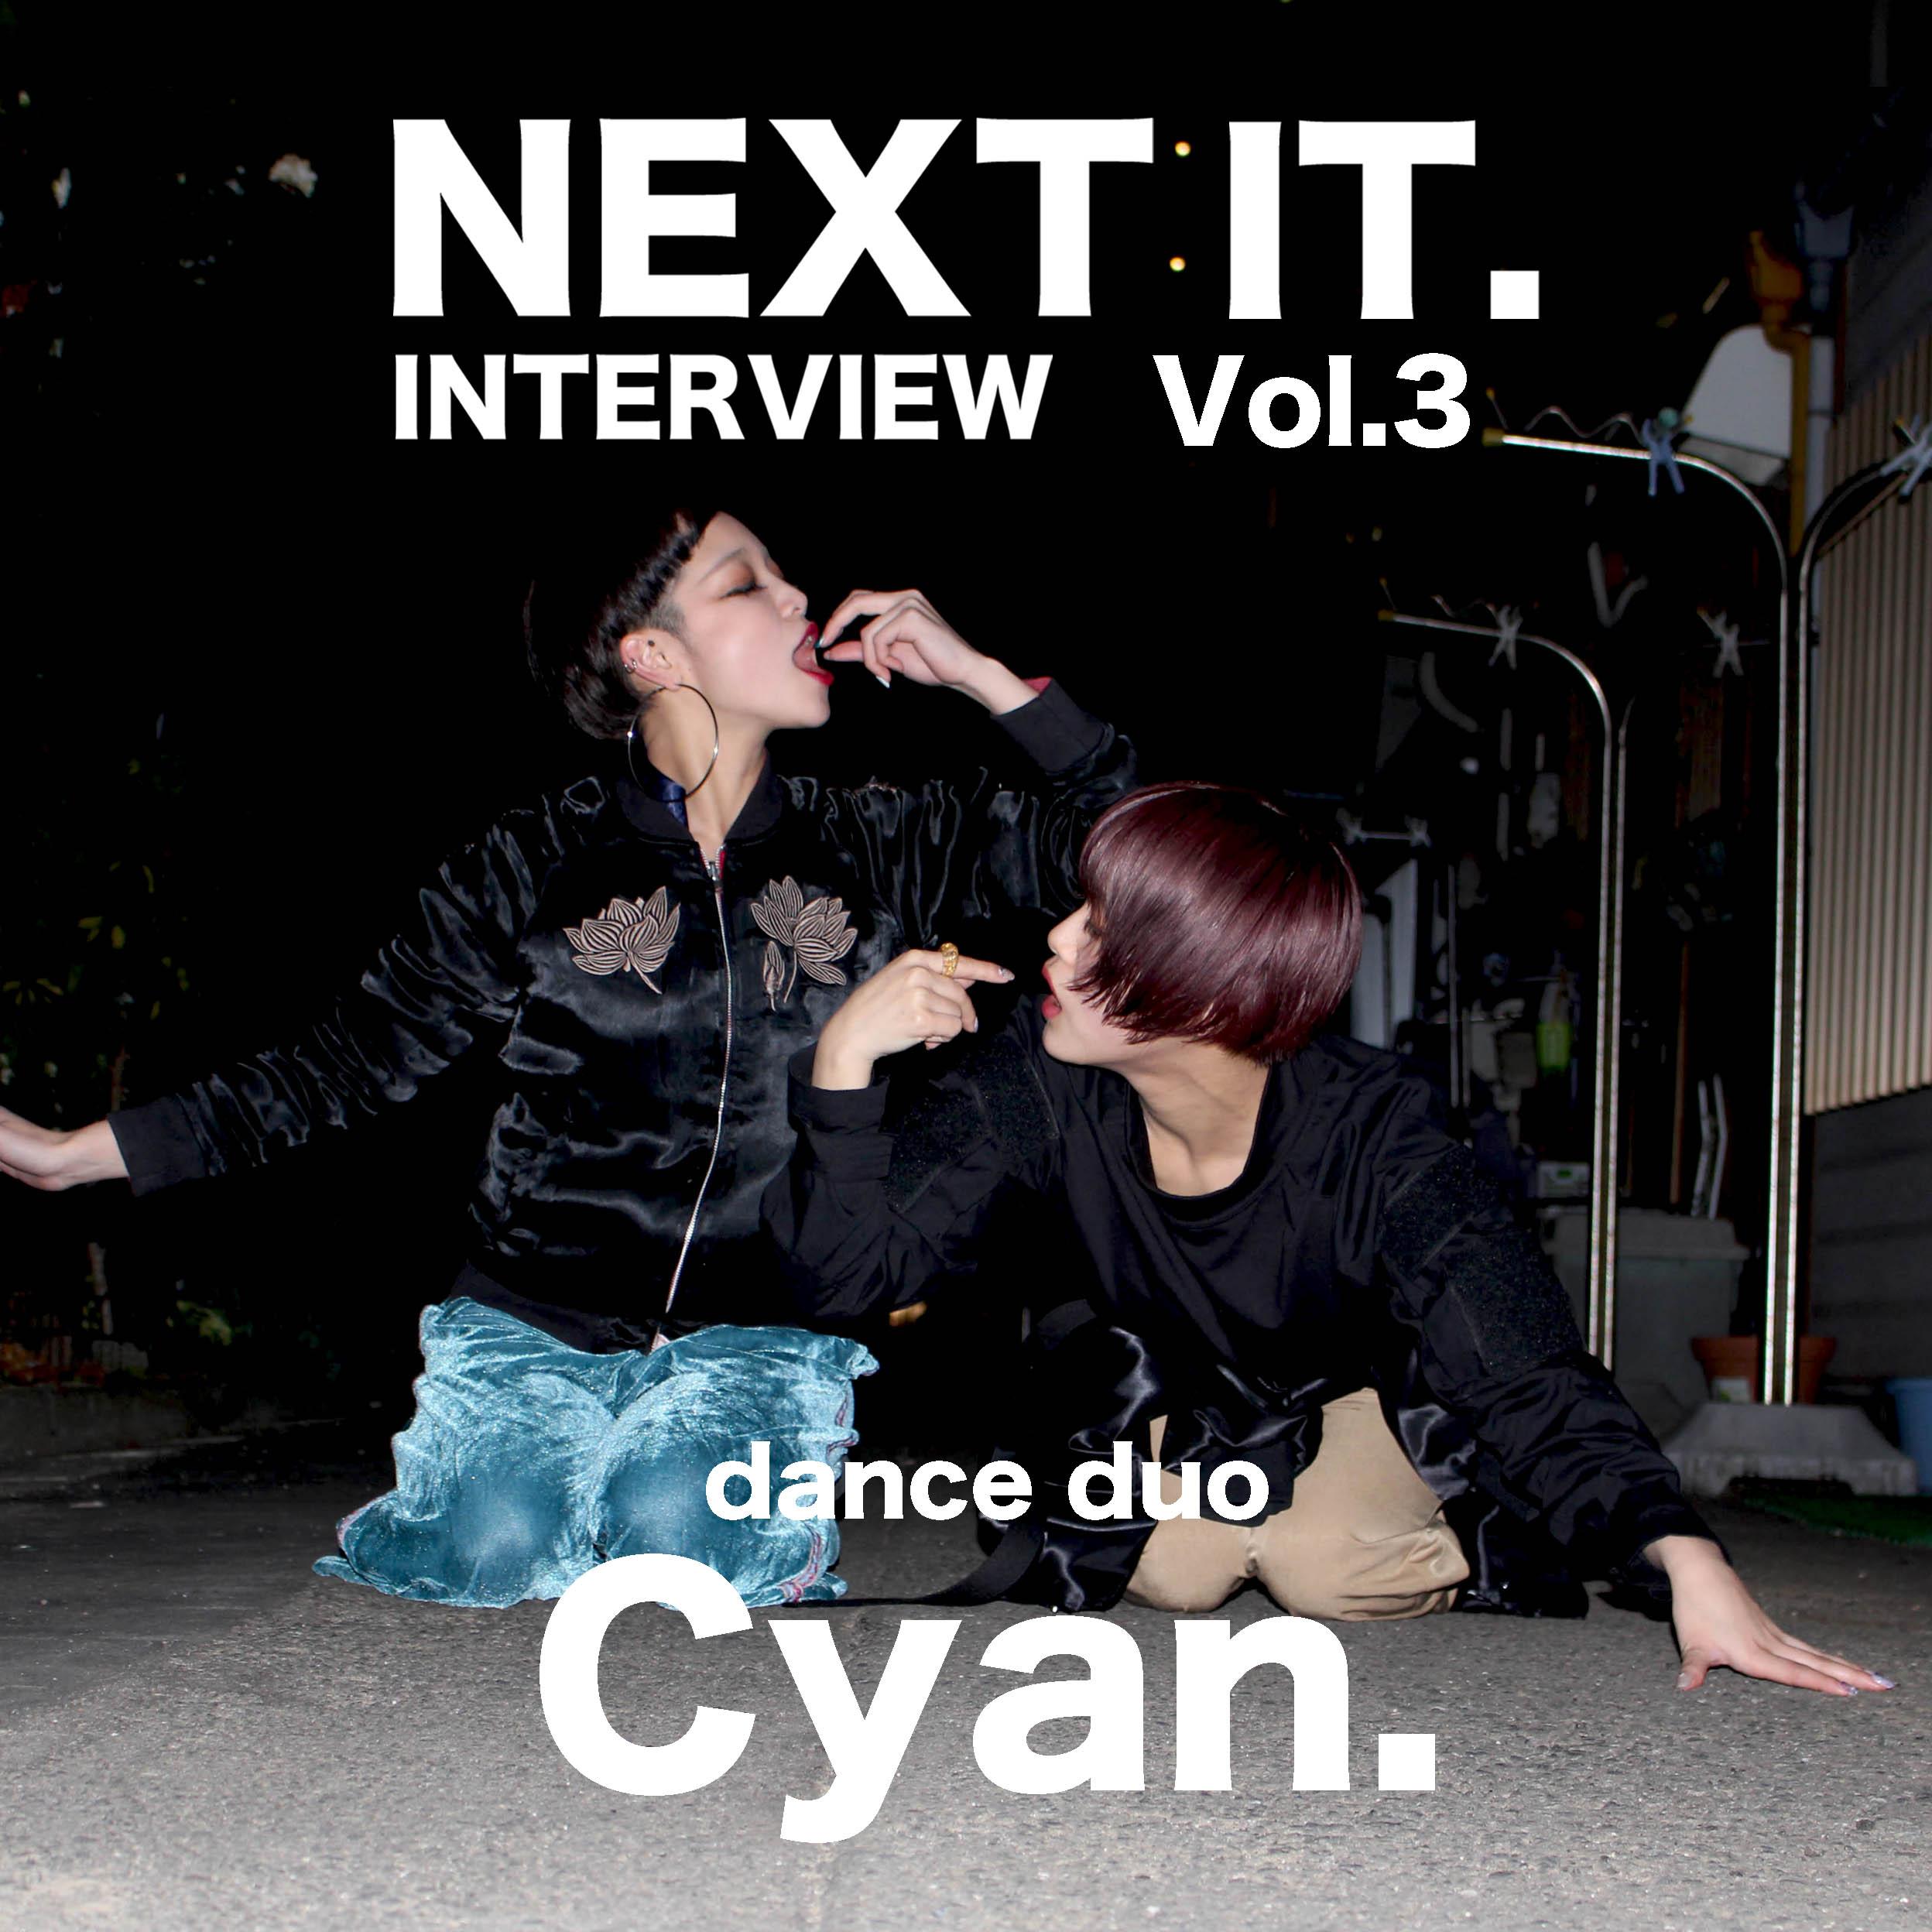 """blogger mariaが次の itな人物にインタビューする企画""""NEXT IT""""。ダンスデュオ、""""Cyan.""""にインタビュー。"""